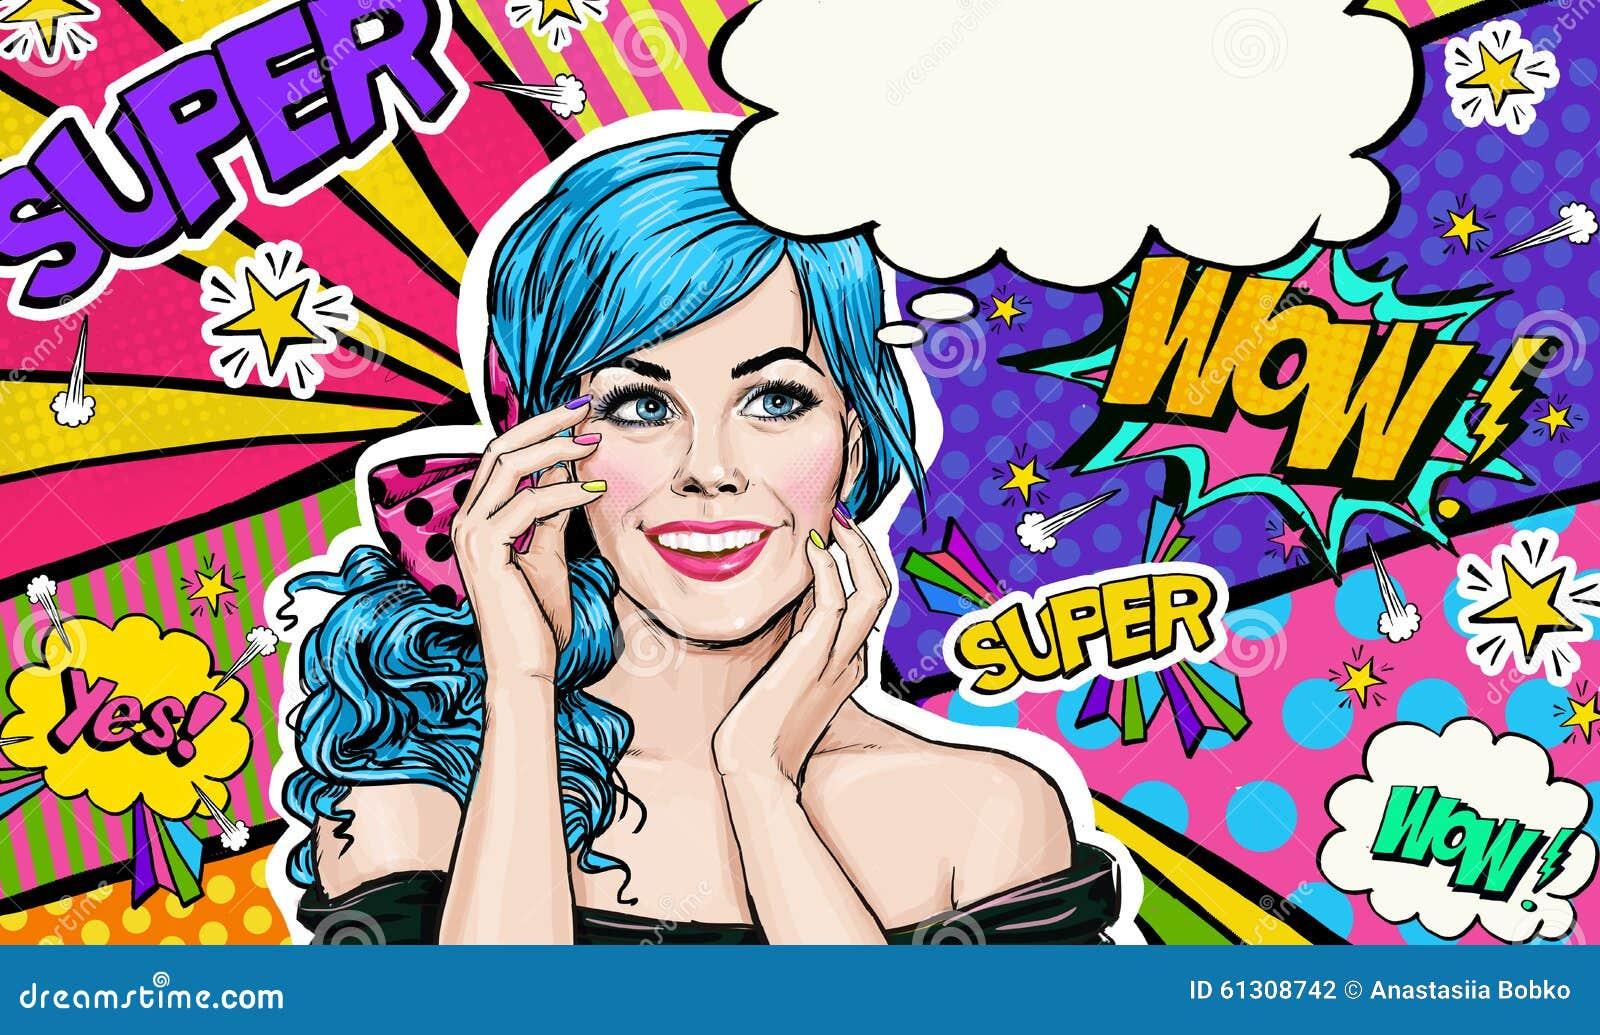 蓝色顶头女孩的流行艺术例证流行艺术背景的 流行艺术女孩 党邀请 生日贺卡eps10问候例证向量 忠告